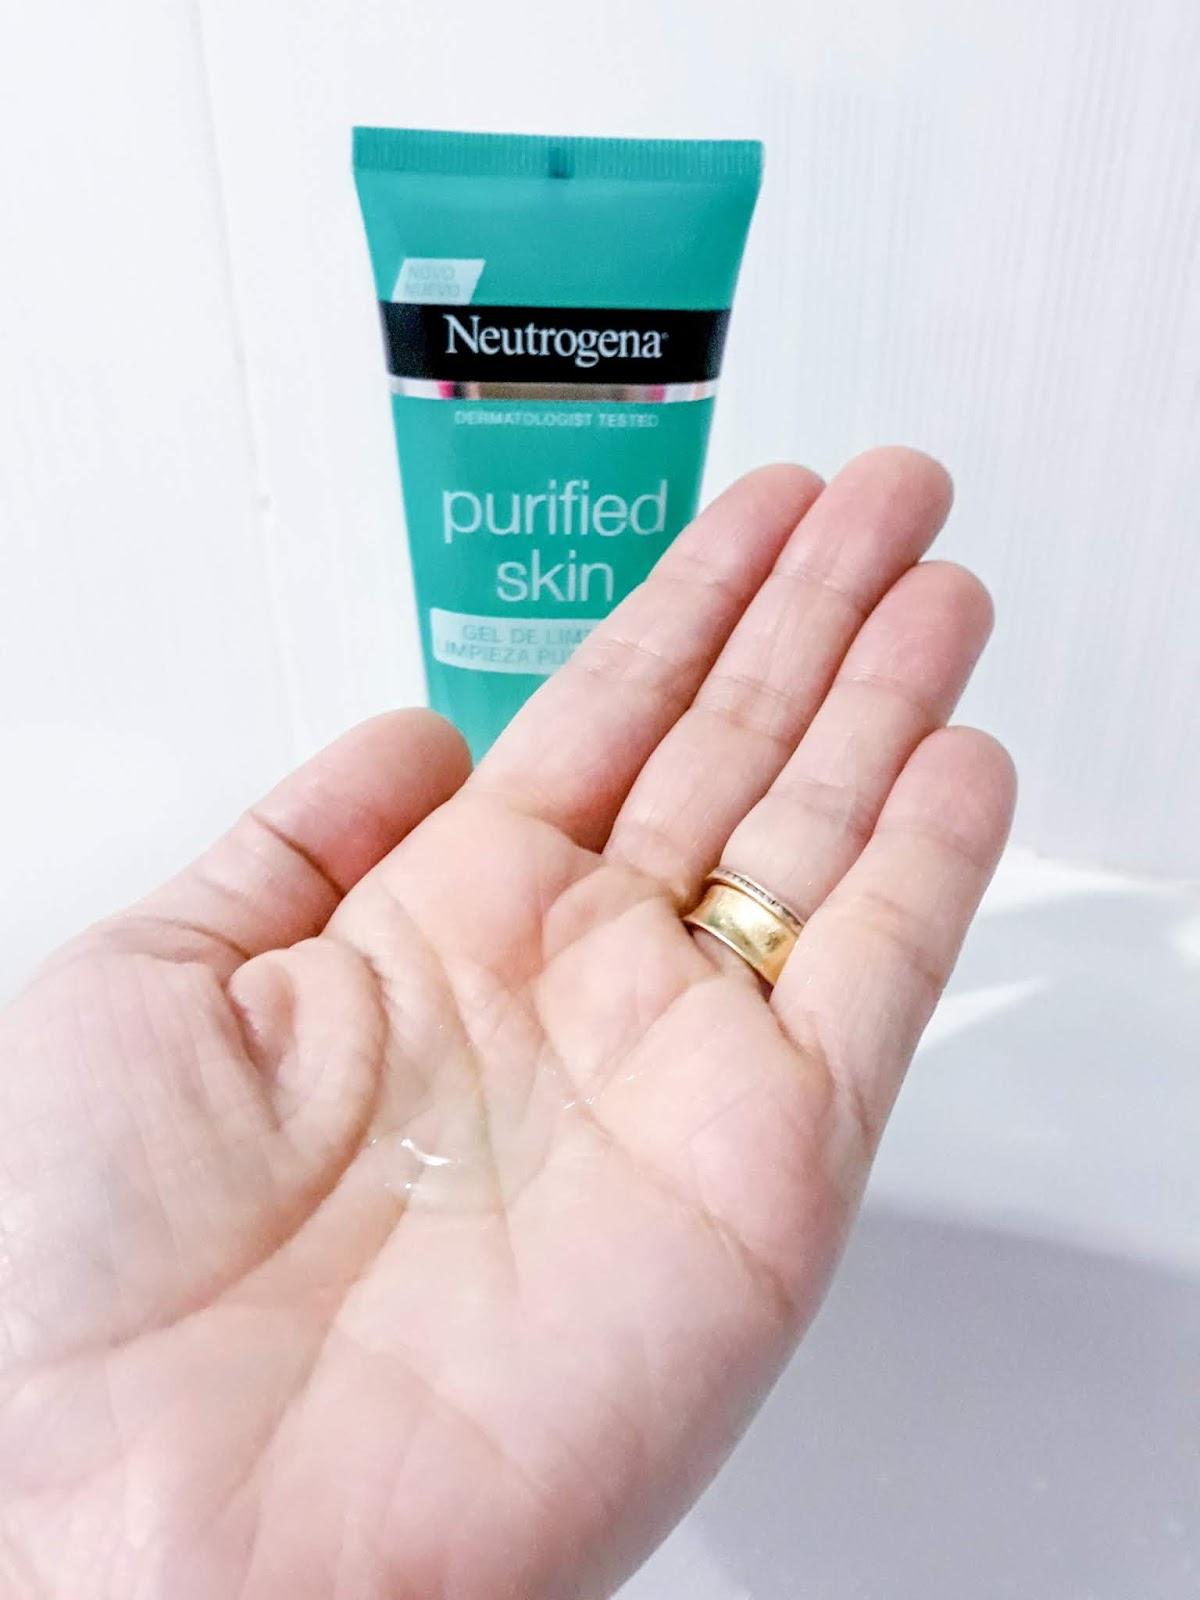 Gel de Neutrogena Purified Skin